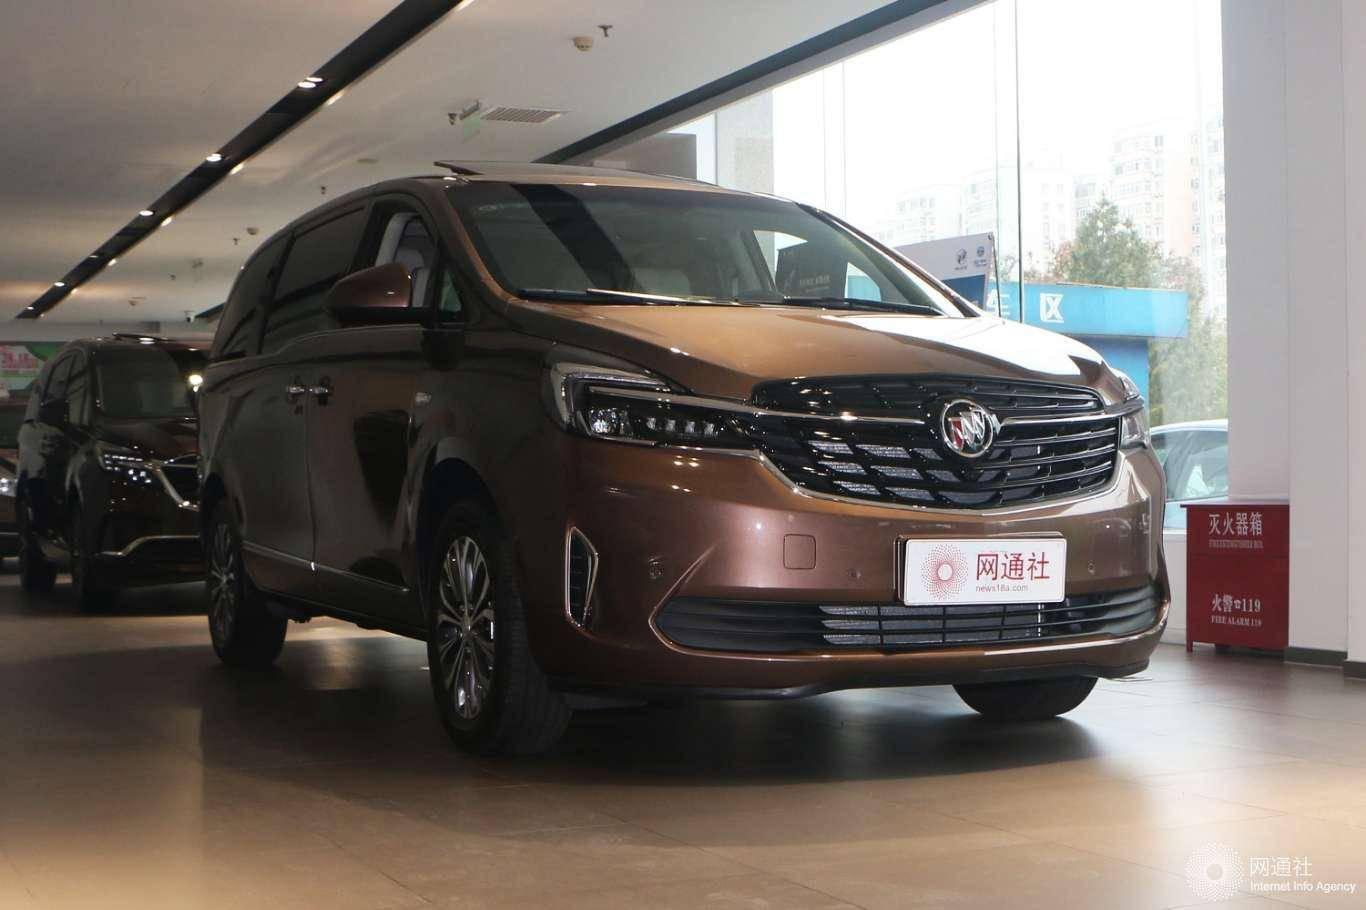 福利车型别克GL8的商务舱销量有23.29万。